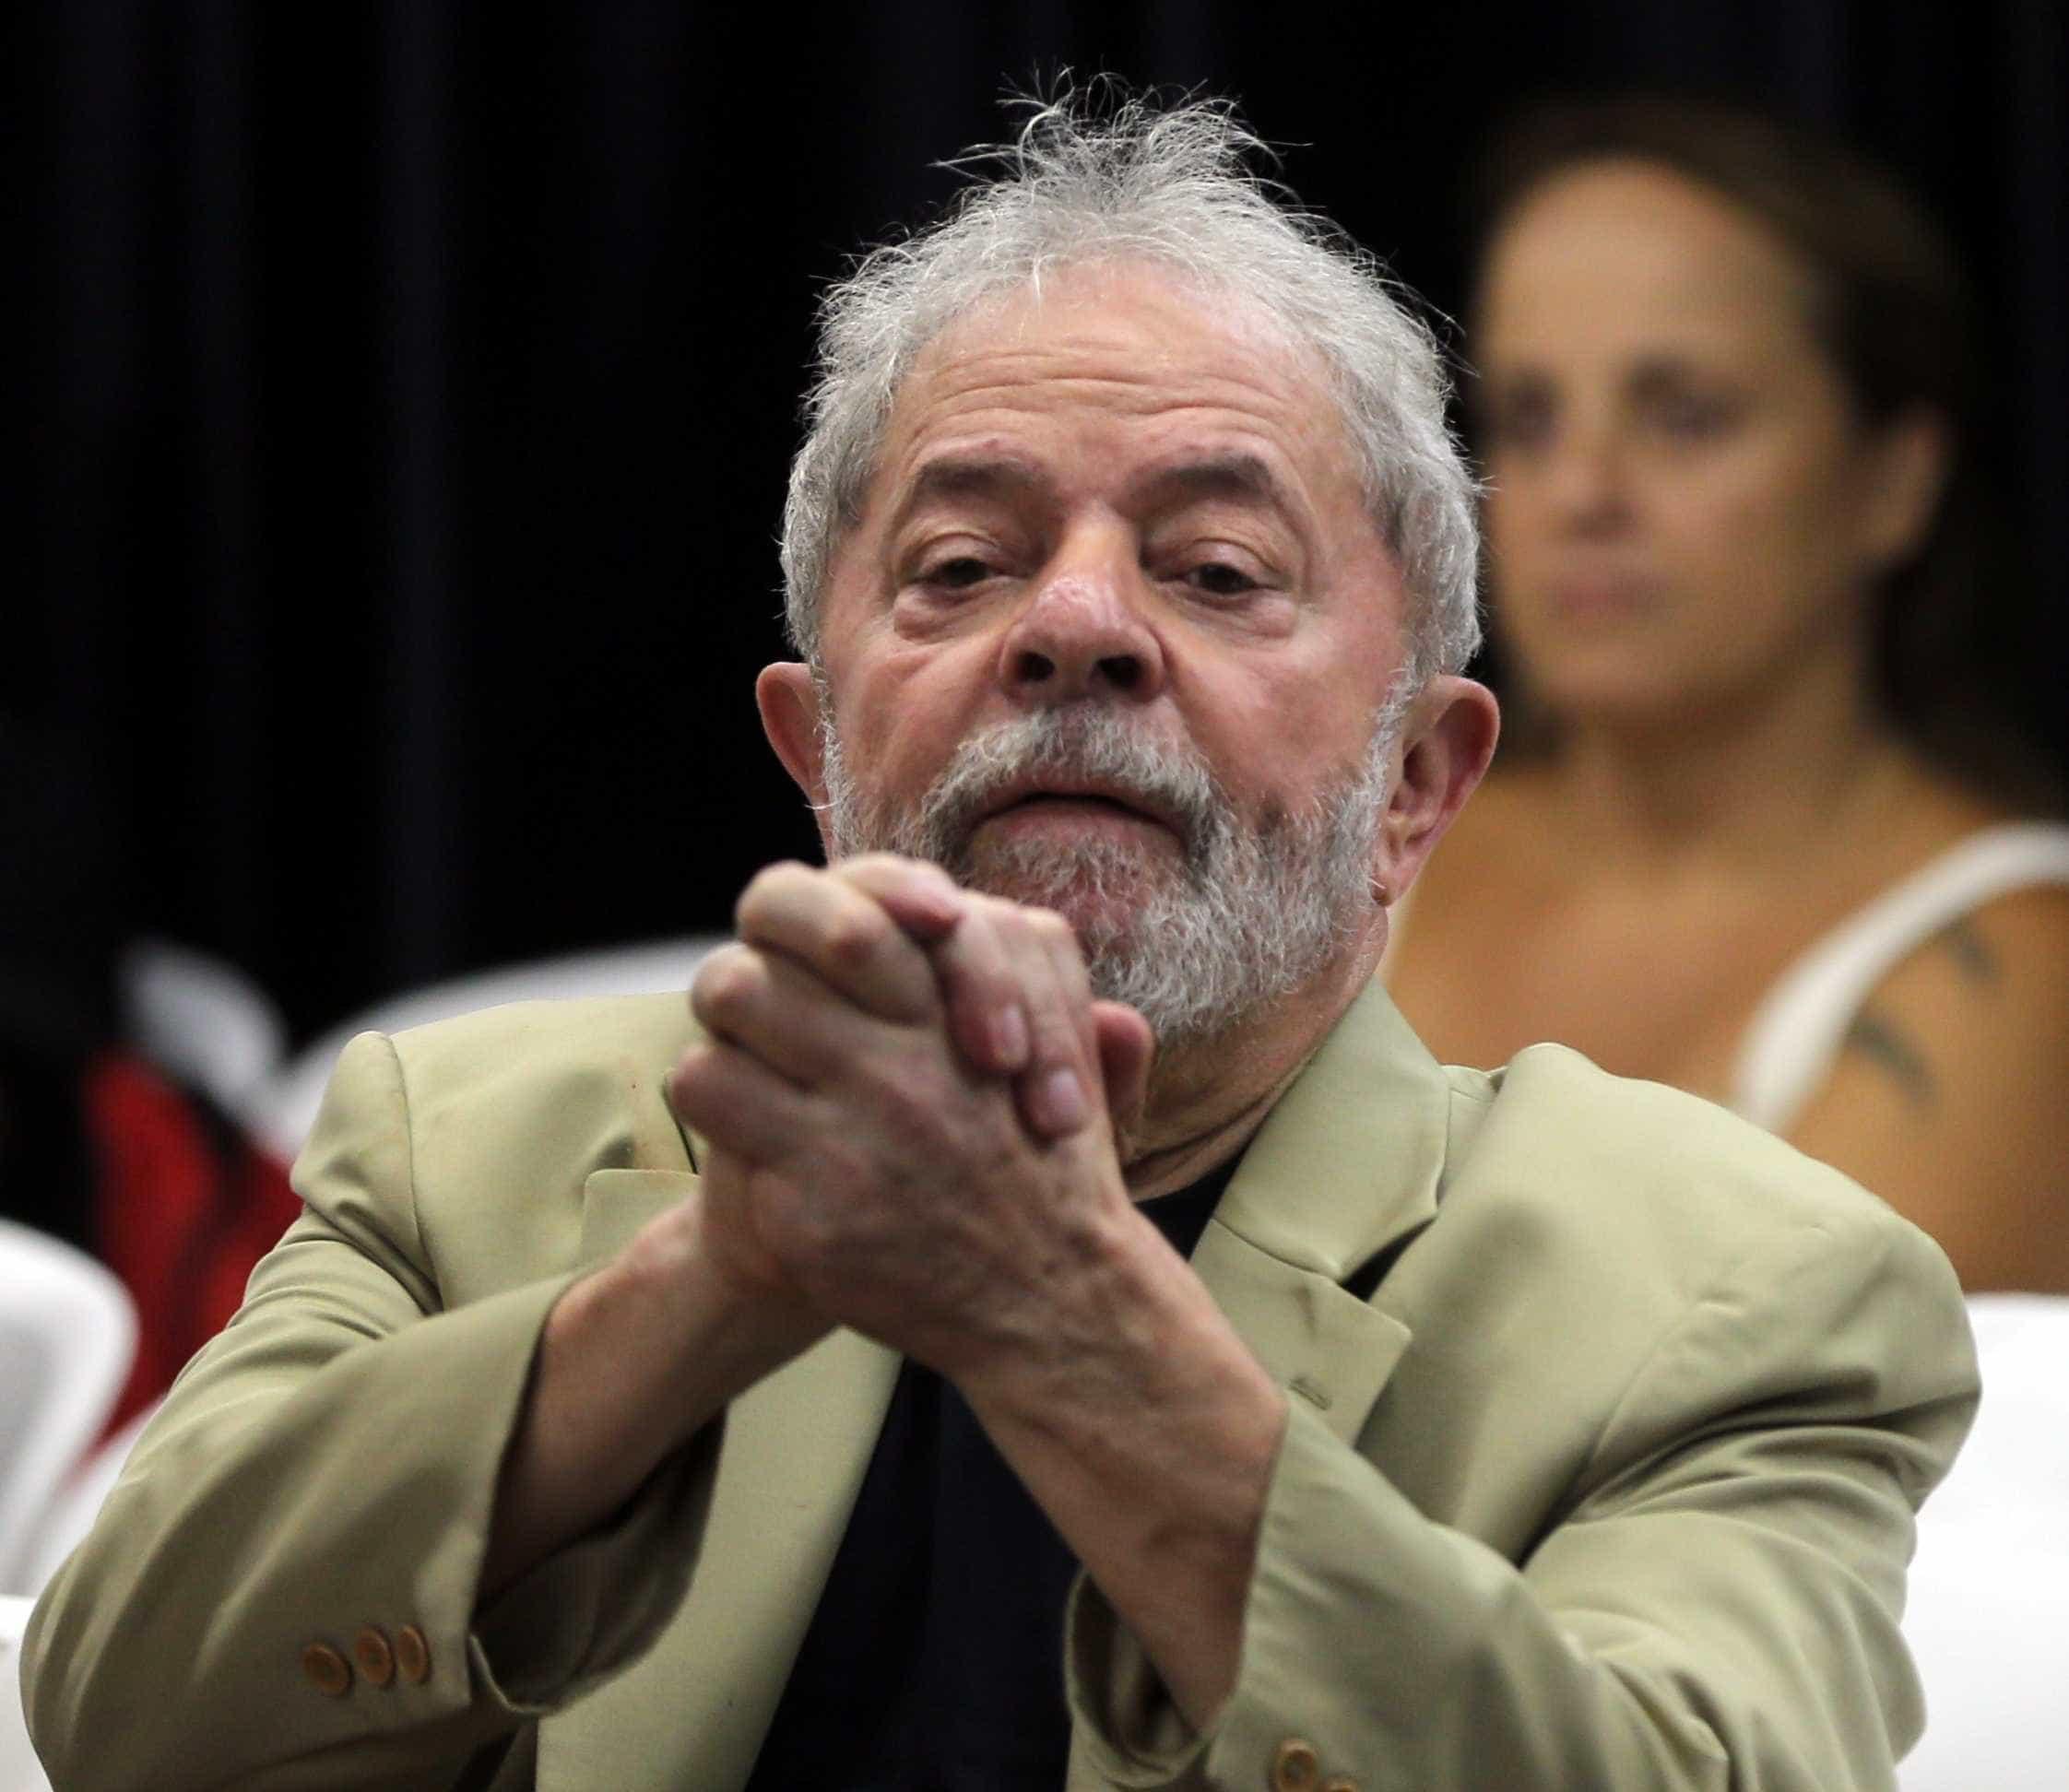 Juiz desmarca depoimento de Lula na Zelotes previsto para esta quinta